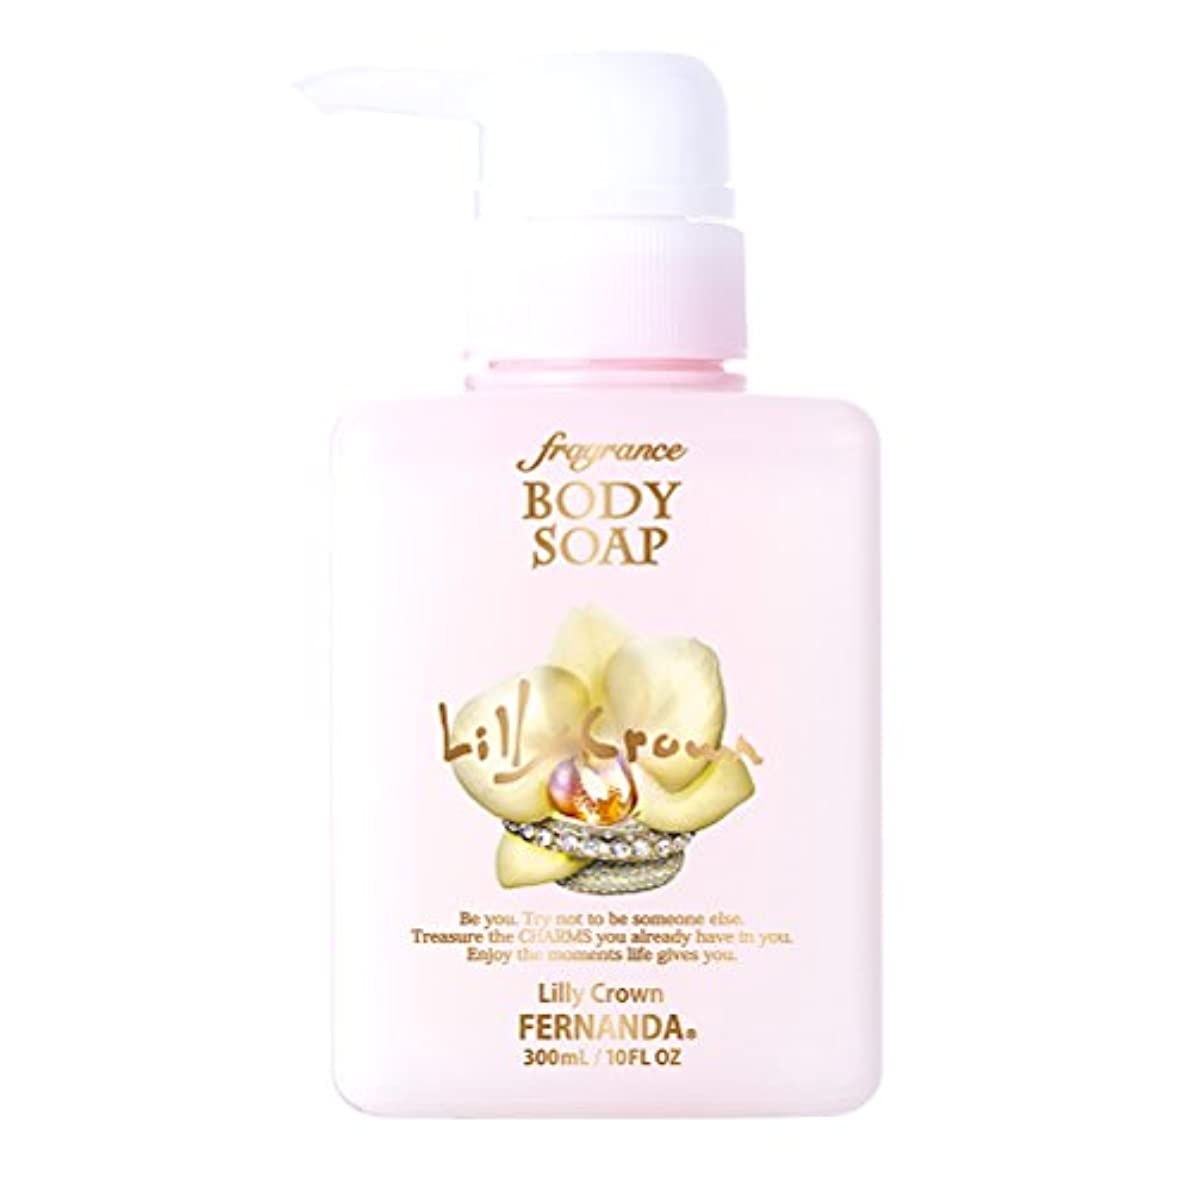 抑制晩ごはん拒絶するFERNANDA(フェルナンダ) Fragrance Body Soap Lilly Crown (ボディソープ リリークラウン)